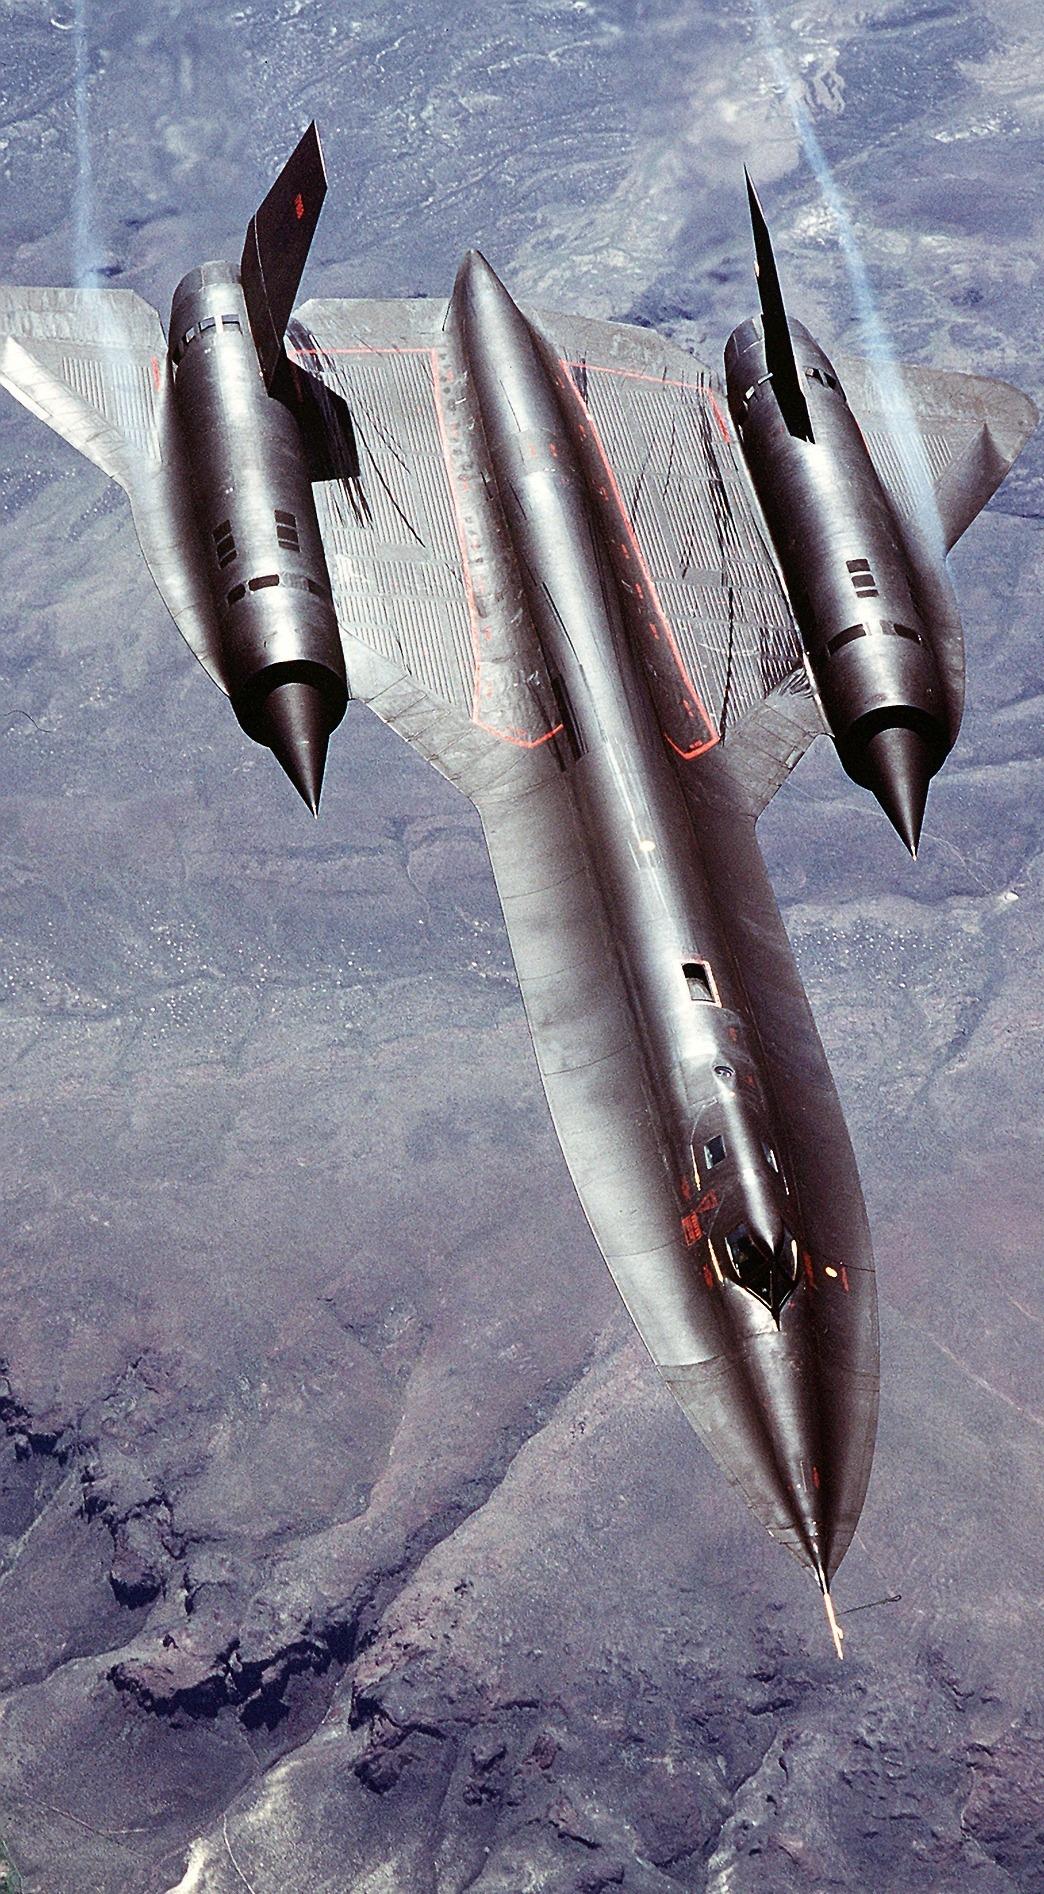 Sr71 blackbird speed